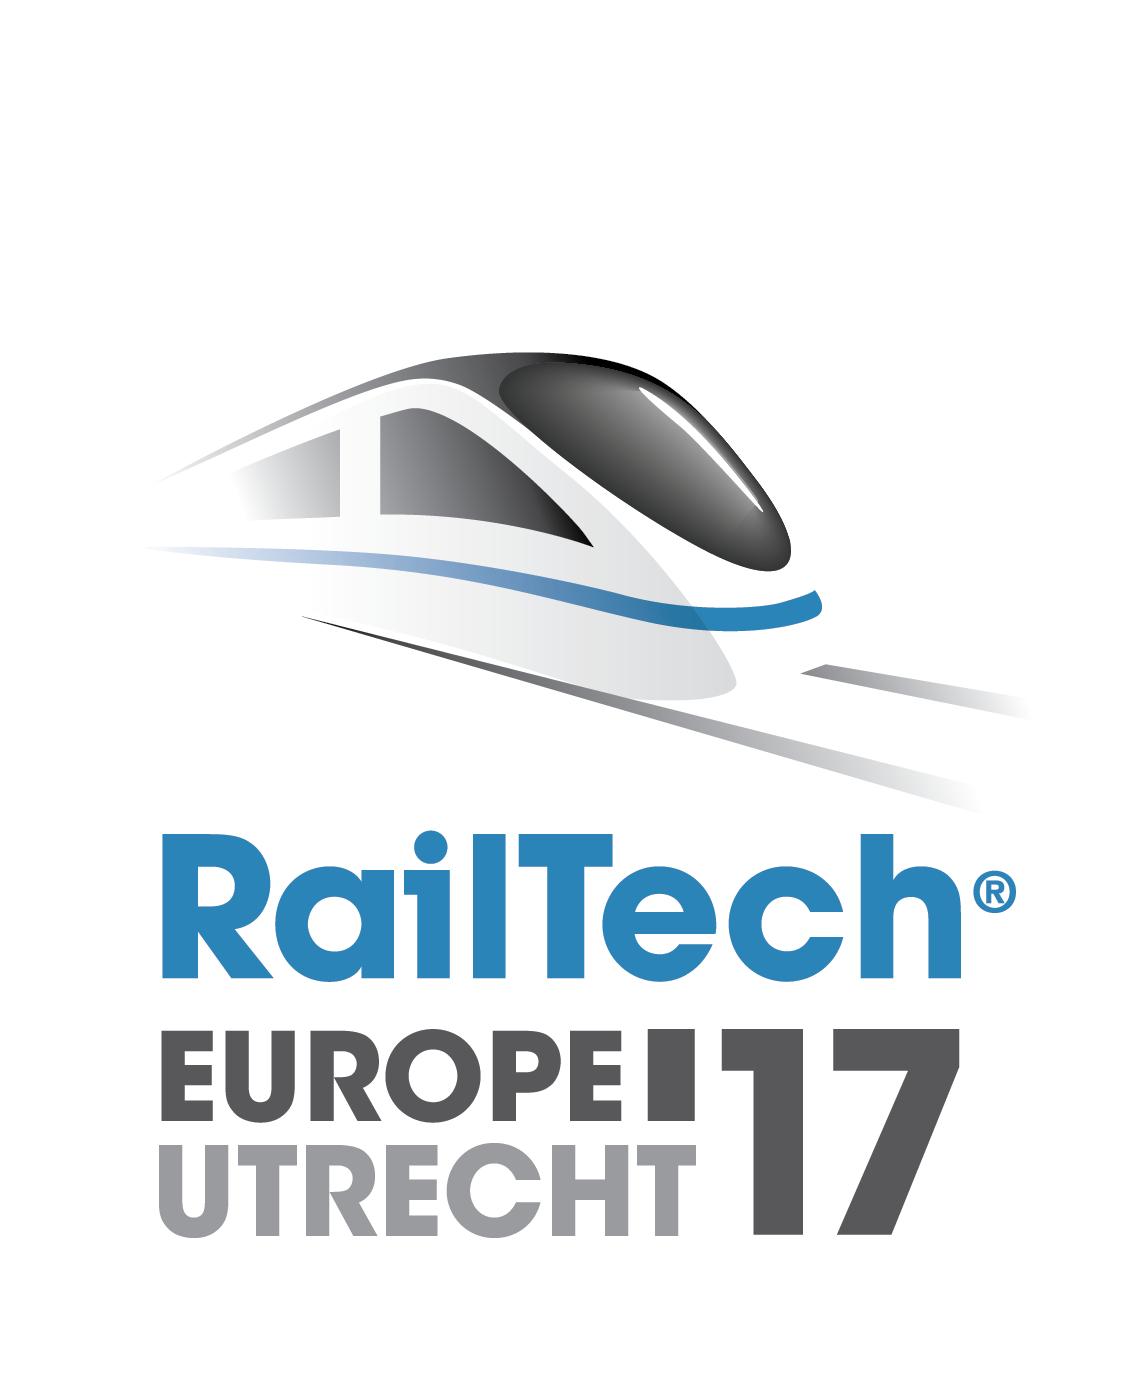 logo-railtech-2017